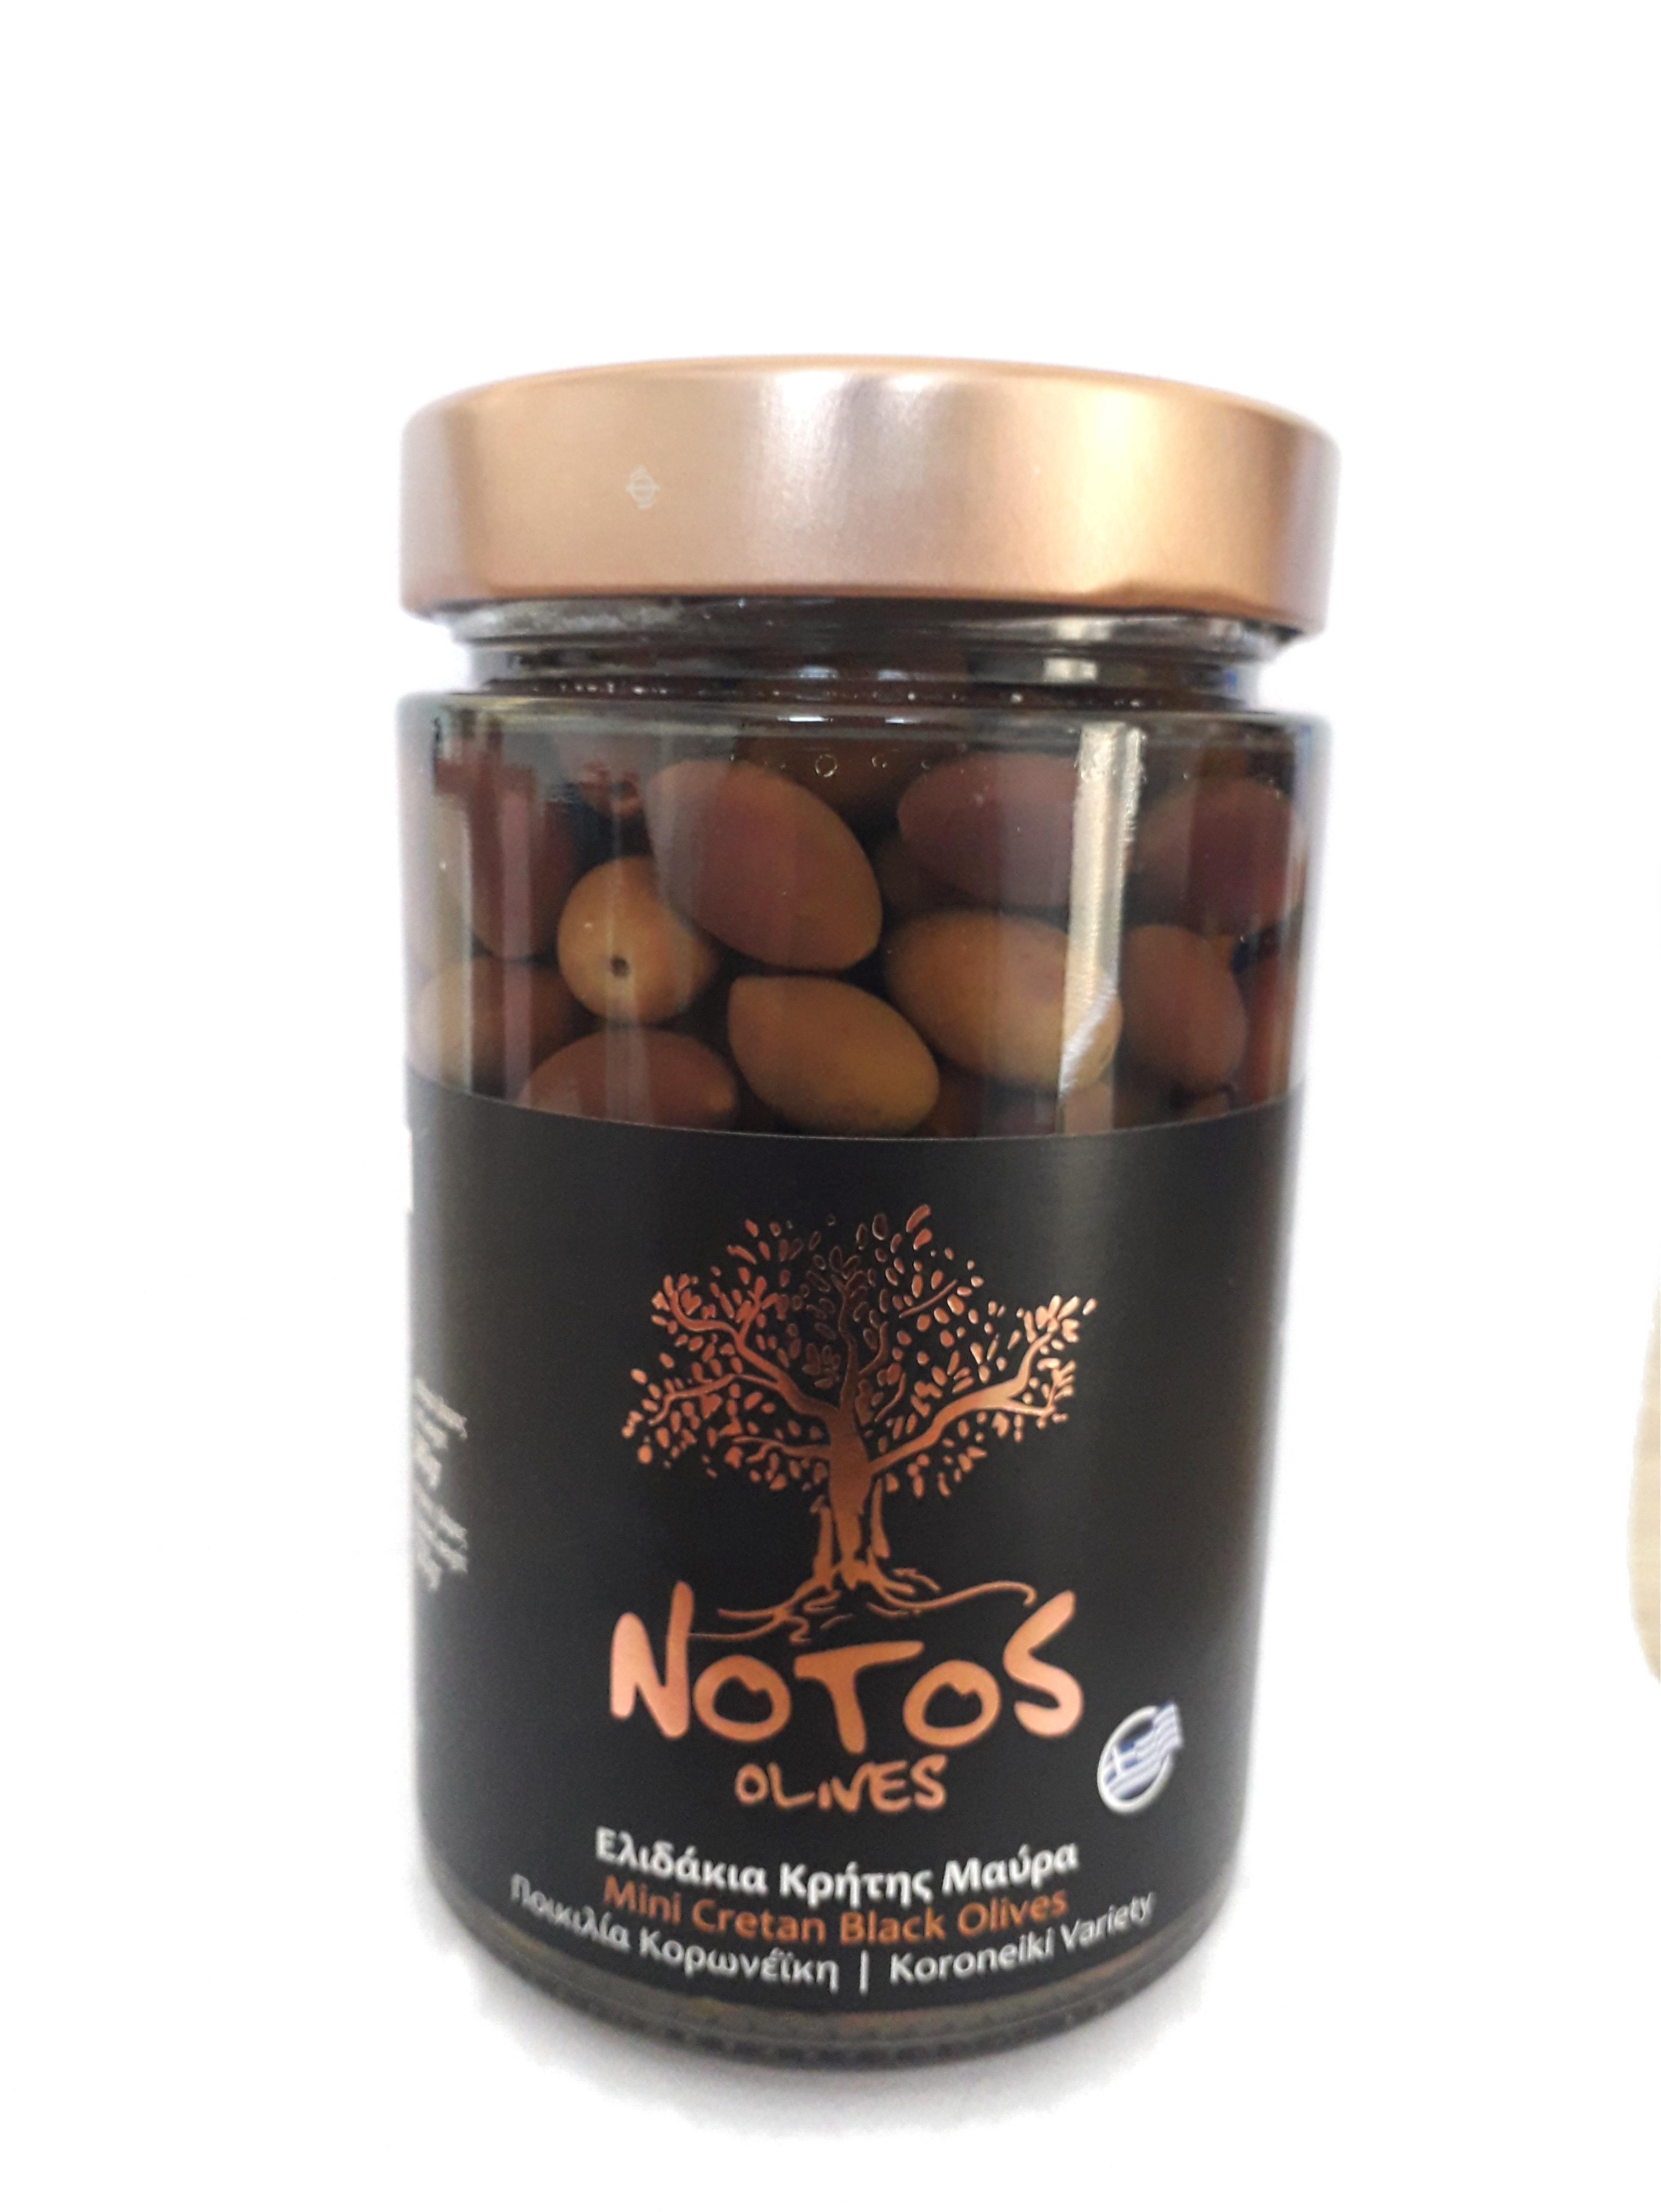 Ελιδάκια Κρήτης Μαύρα Notos (Ποικιλία Κορωνέικη)